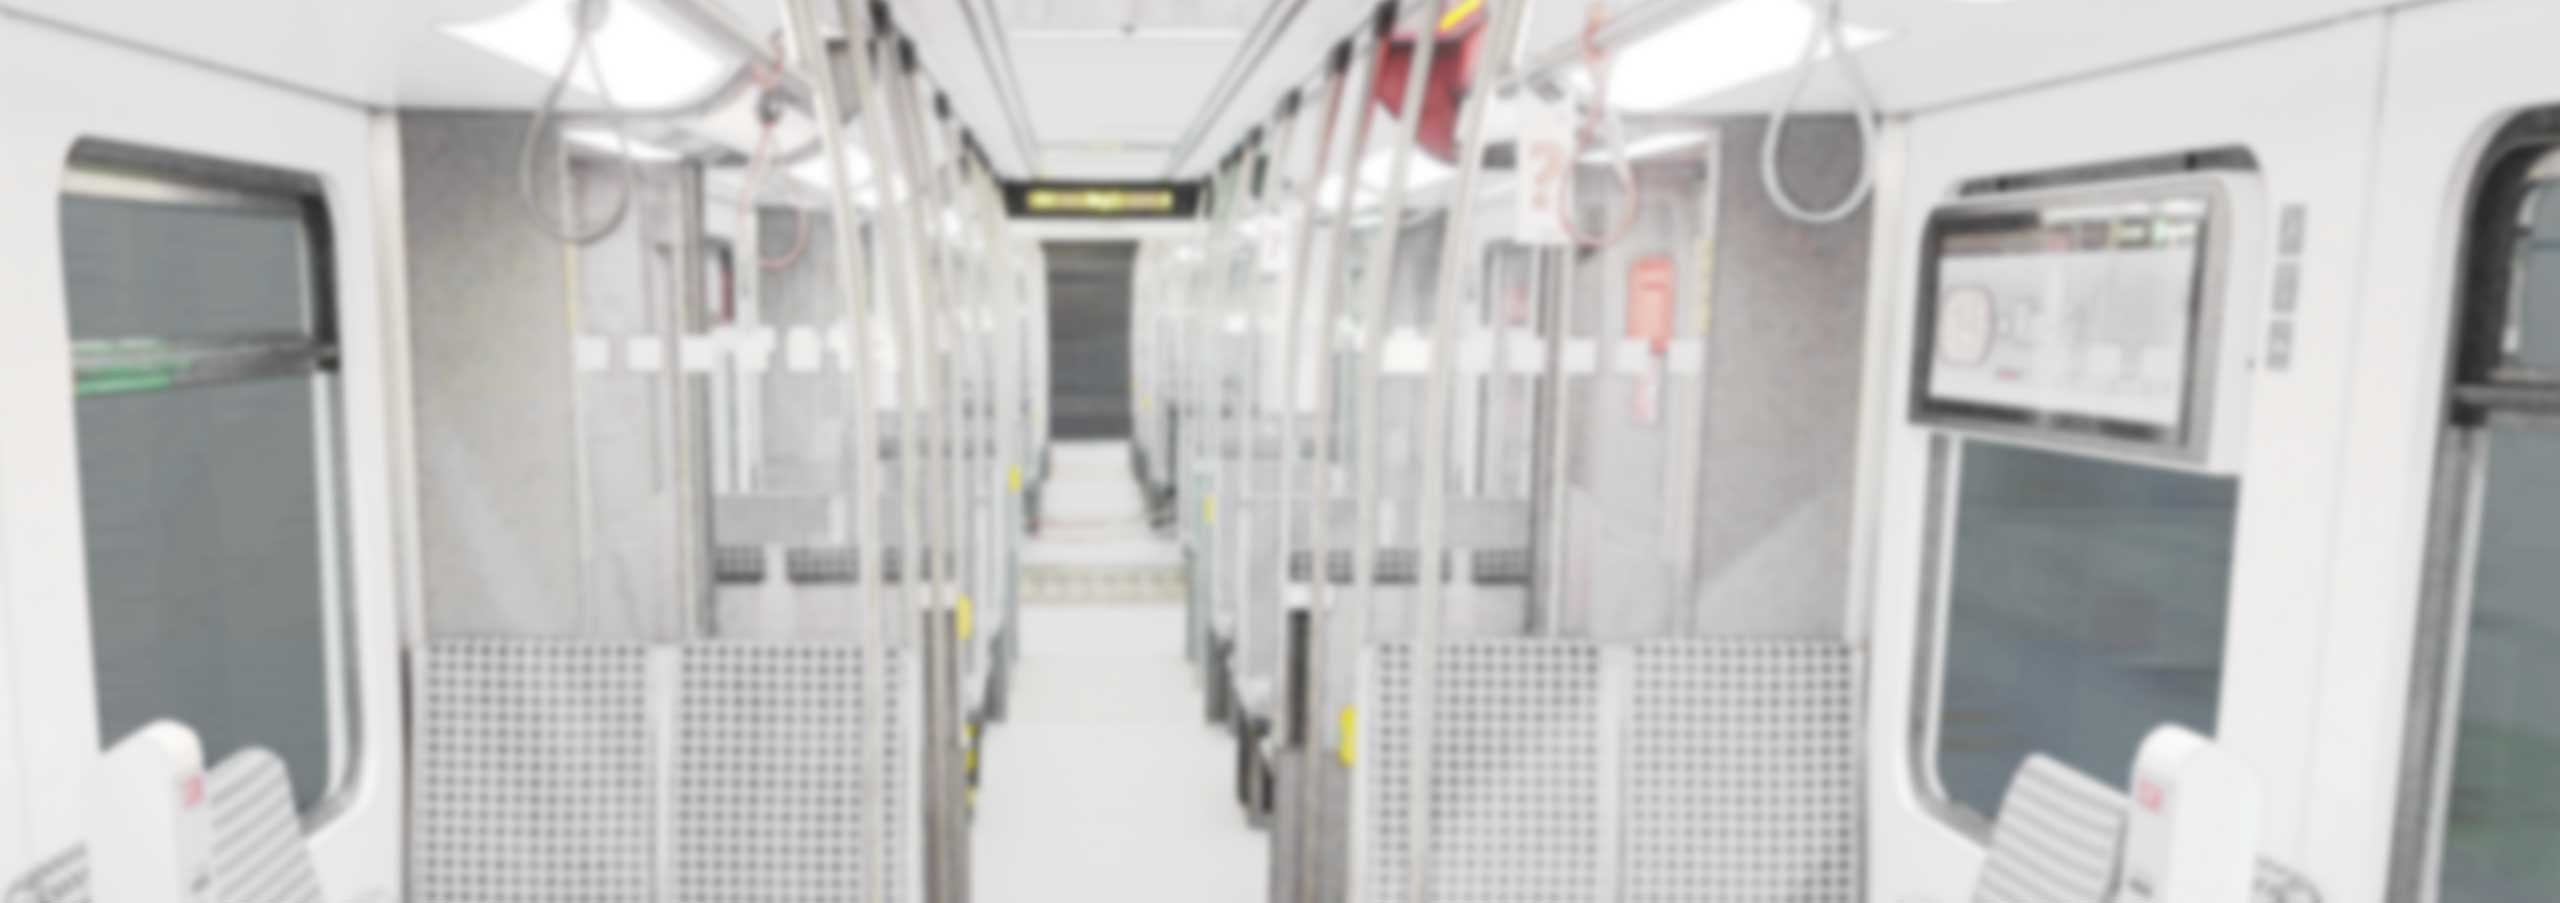 Produktgruppen Schienenfahrzeugbau